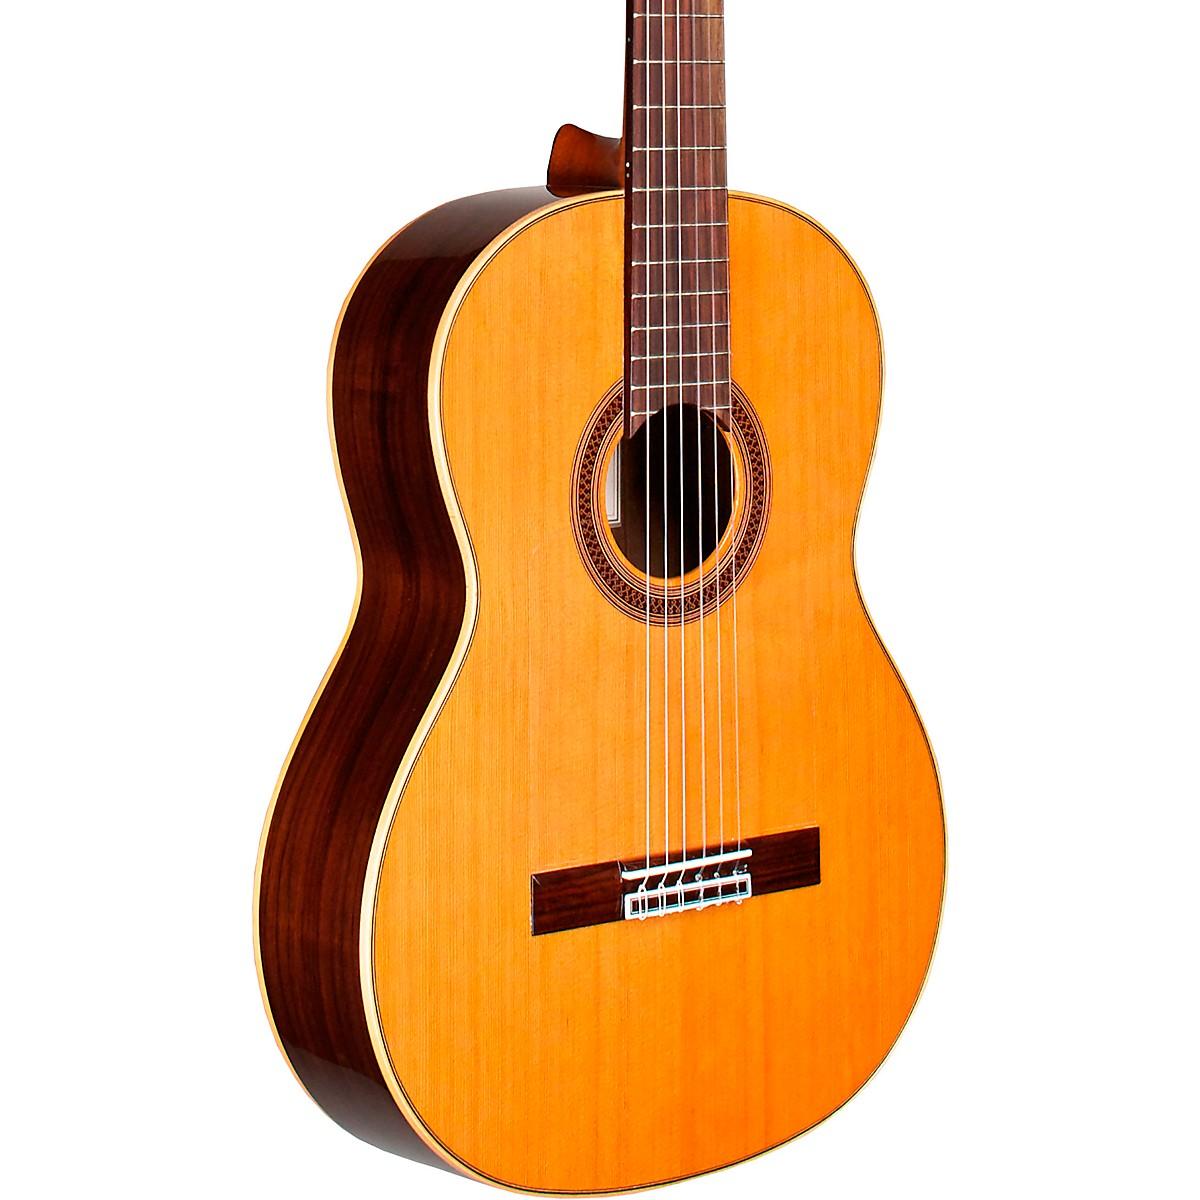 Cordoba F7 Paco Nylon-String Flamenco Acoustic Guitar